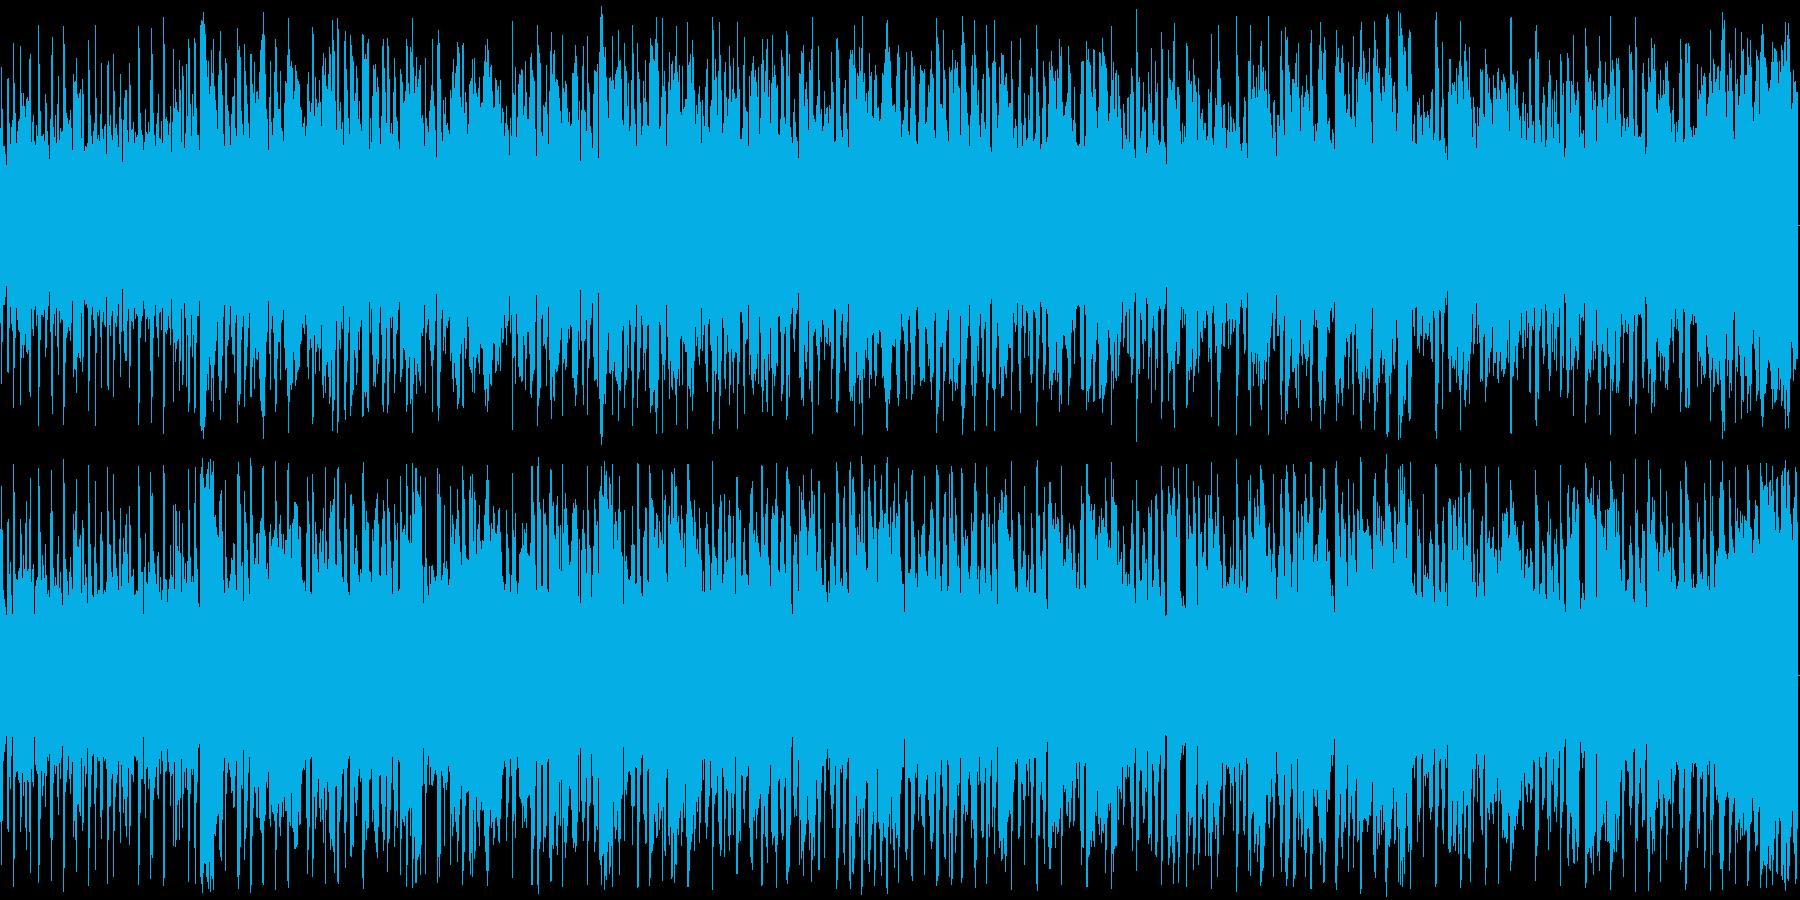 楽しくコミカルな雰囲気のBGMですの再生済みの波形